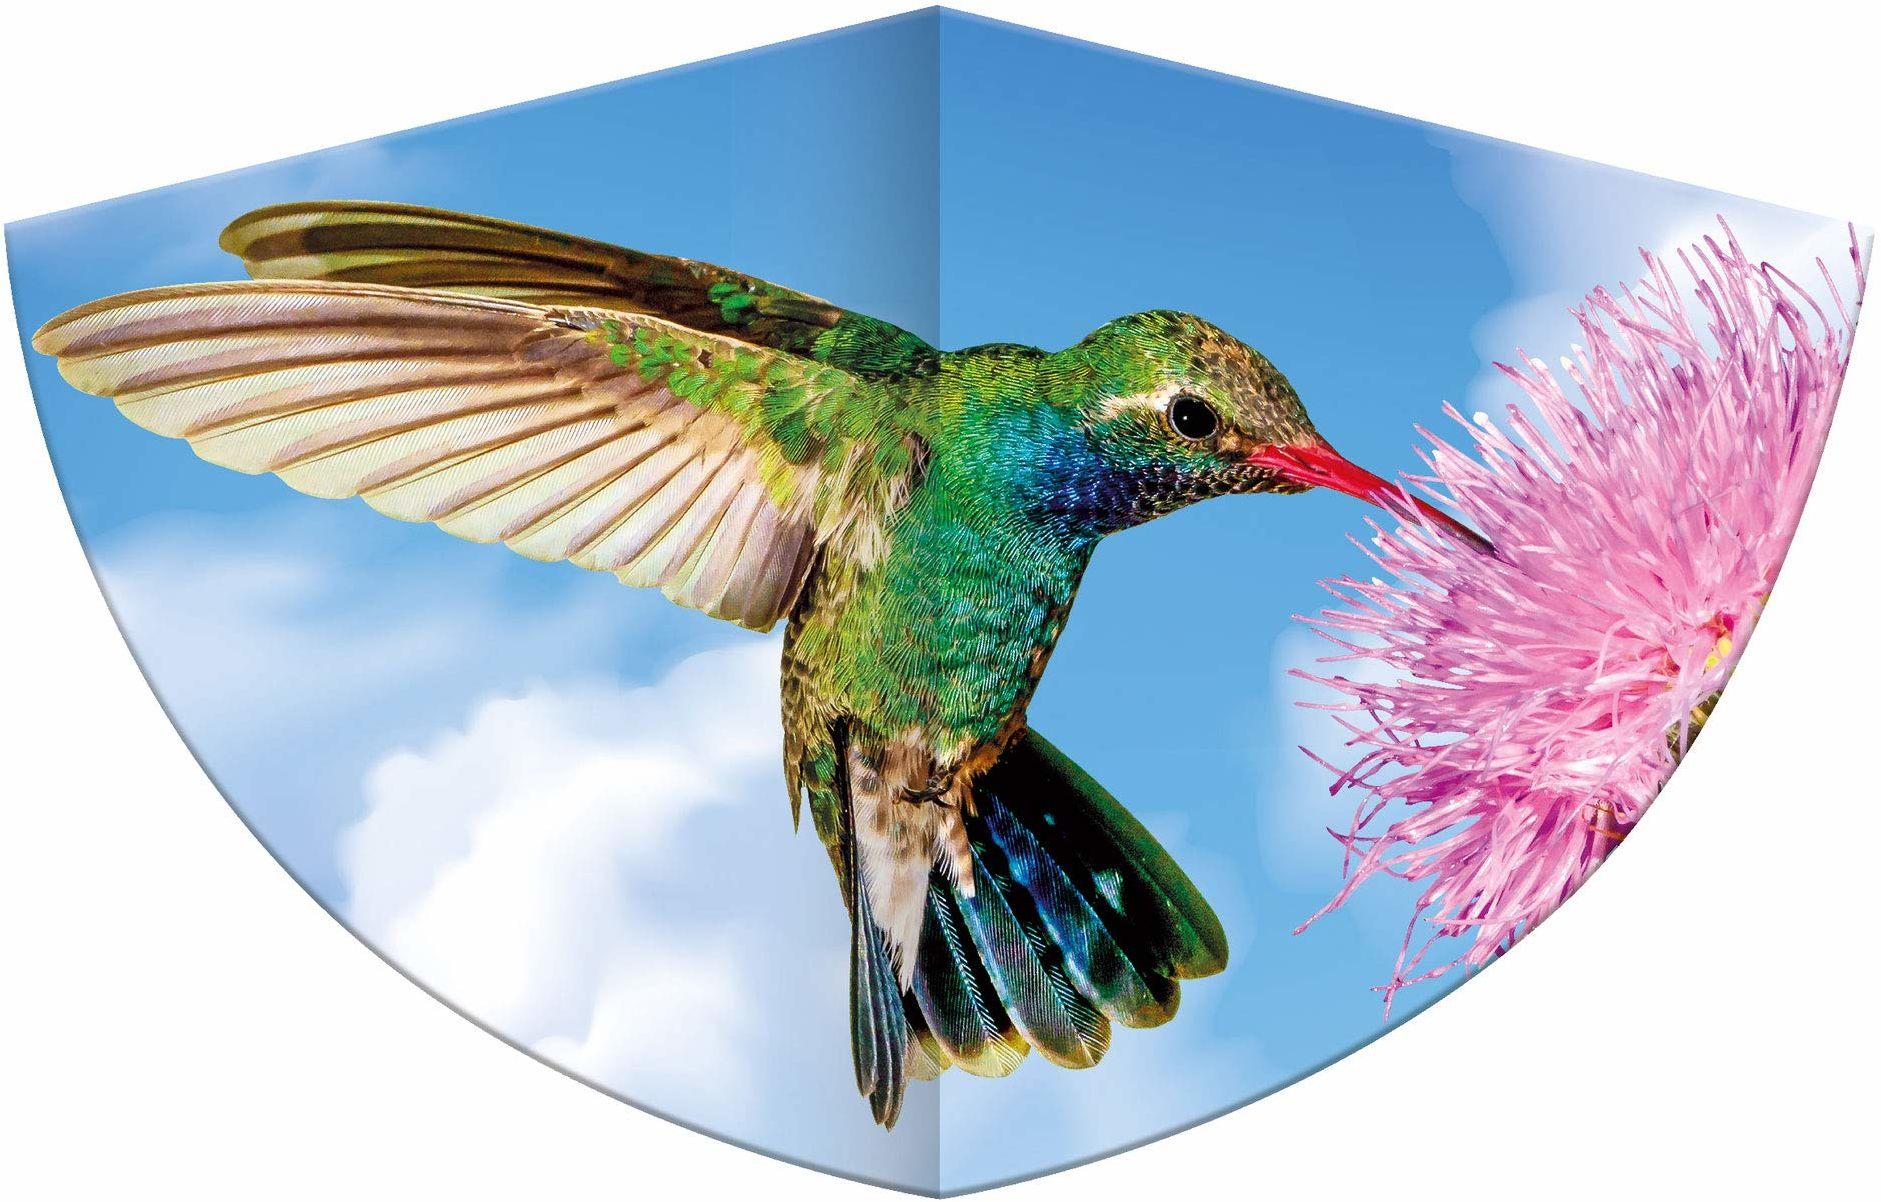 Dziecięcy smok z motywem kolibri, jednorożec wykonany z wytrzymałej folii PE z regulowaną wagą smoka, dla dzieci od 4 lat z uchwytem i sznurkiem, rozmiar ok. 75 x 48 cm